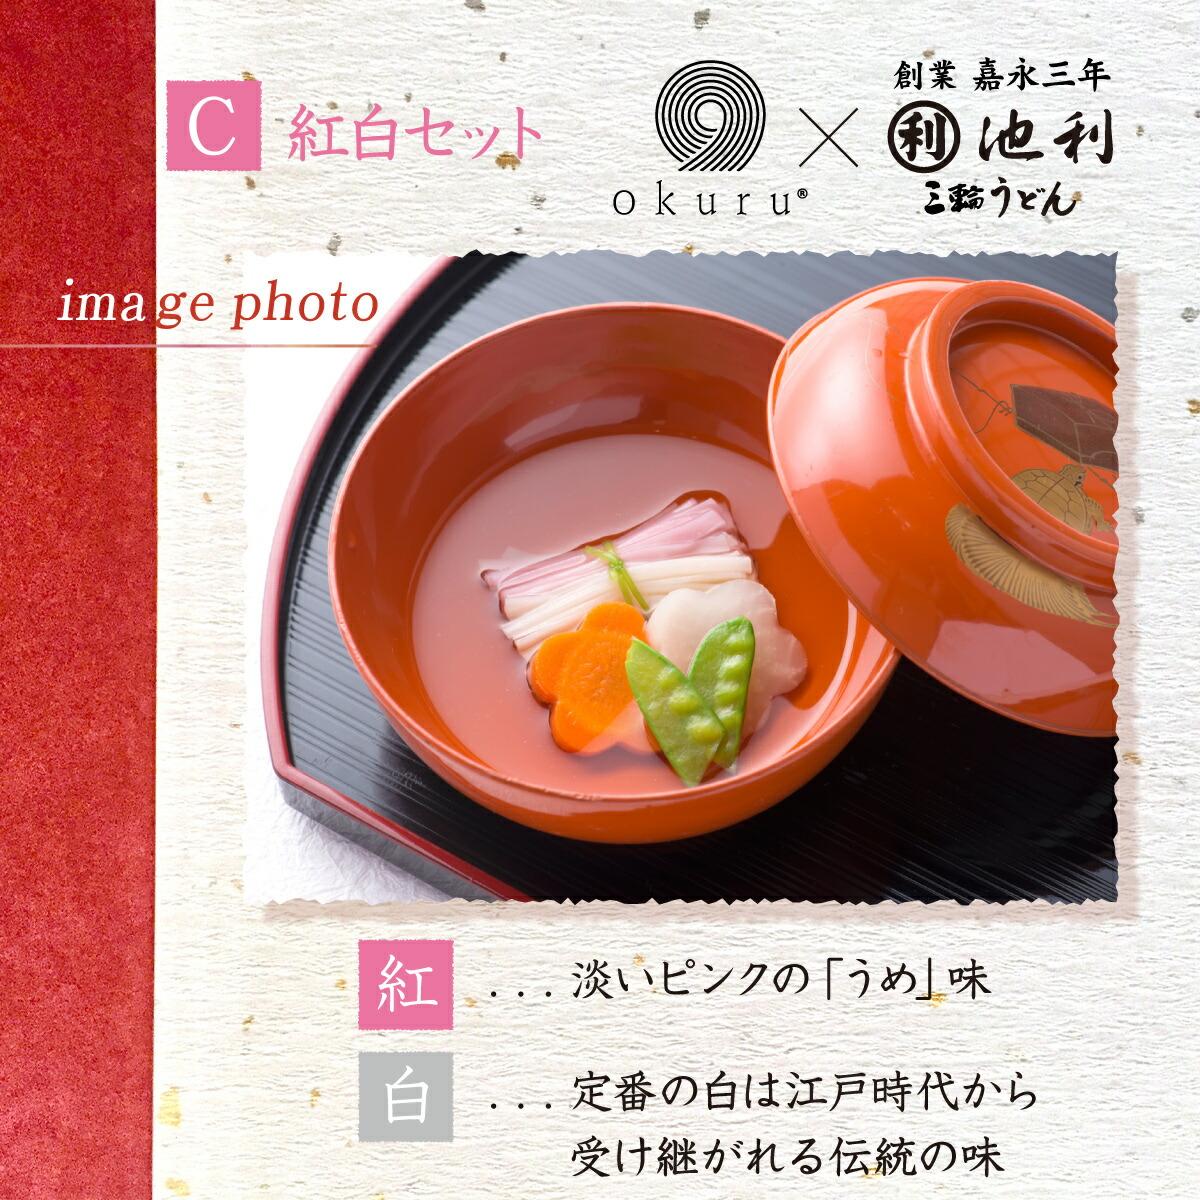 紅白セットの調理例、紅:淡いピンクの梅味。白:定番の白色